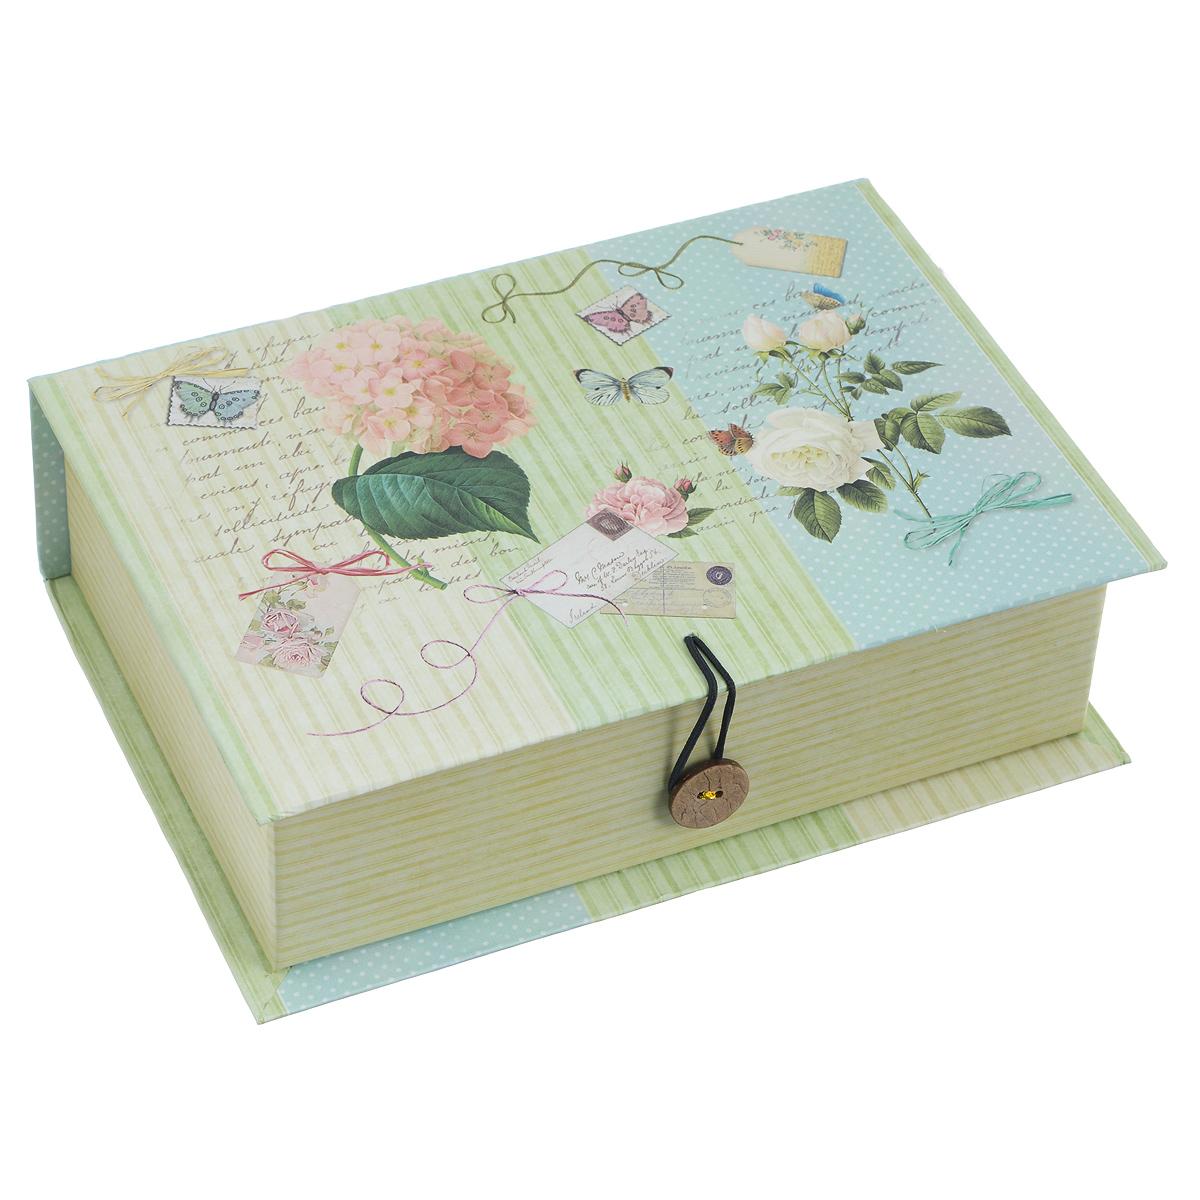 Подарочная коробка Нежность, 20 см х 14 см х 6 см39467Подарочная коробка Нежность выполнена из плотного картона. Изделие оформлено изображением цветов и поздравительных открыток. Коробка закрывается на пуговицу. Подарочная коробка - это наилучшее решение, если вы хотите порадовать ваших близких и создать праздничное настроение, ведь подарок, преподнесенный в оригинальной упаковке, всегда будет самым эффектным и запоминающимся. Окружите близких людей вниманием и заботой, вручив презент в нарядном, праздничном оформлении.